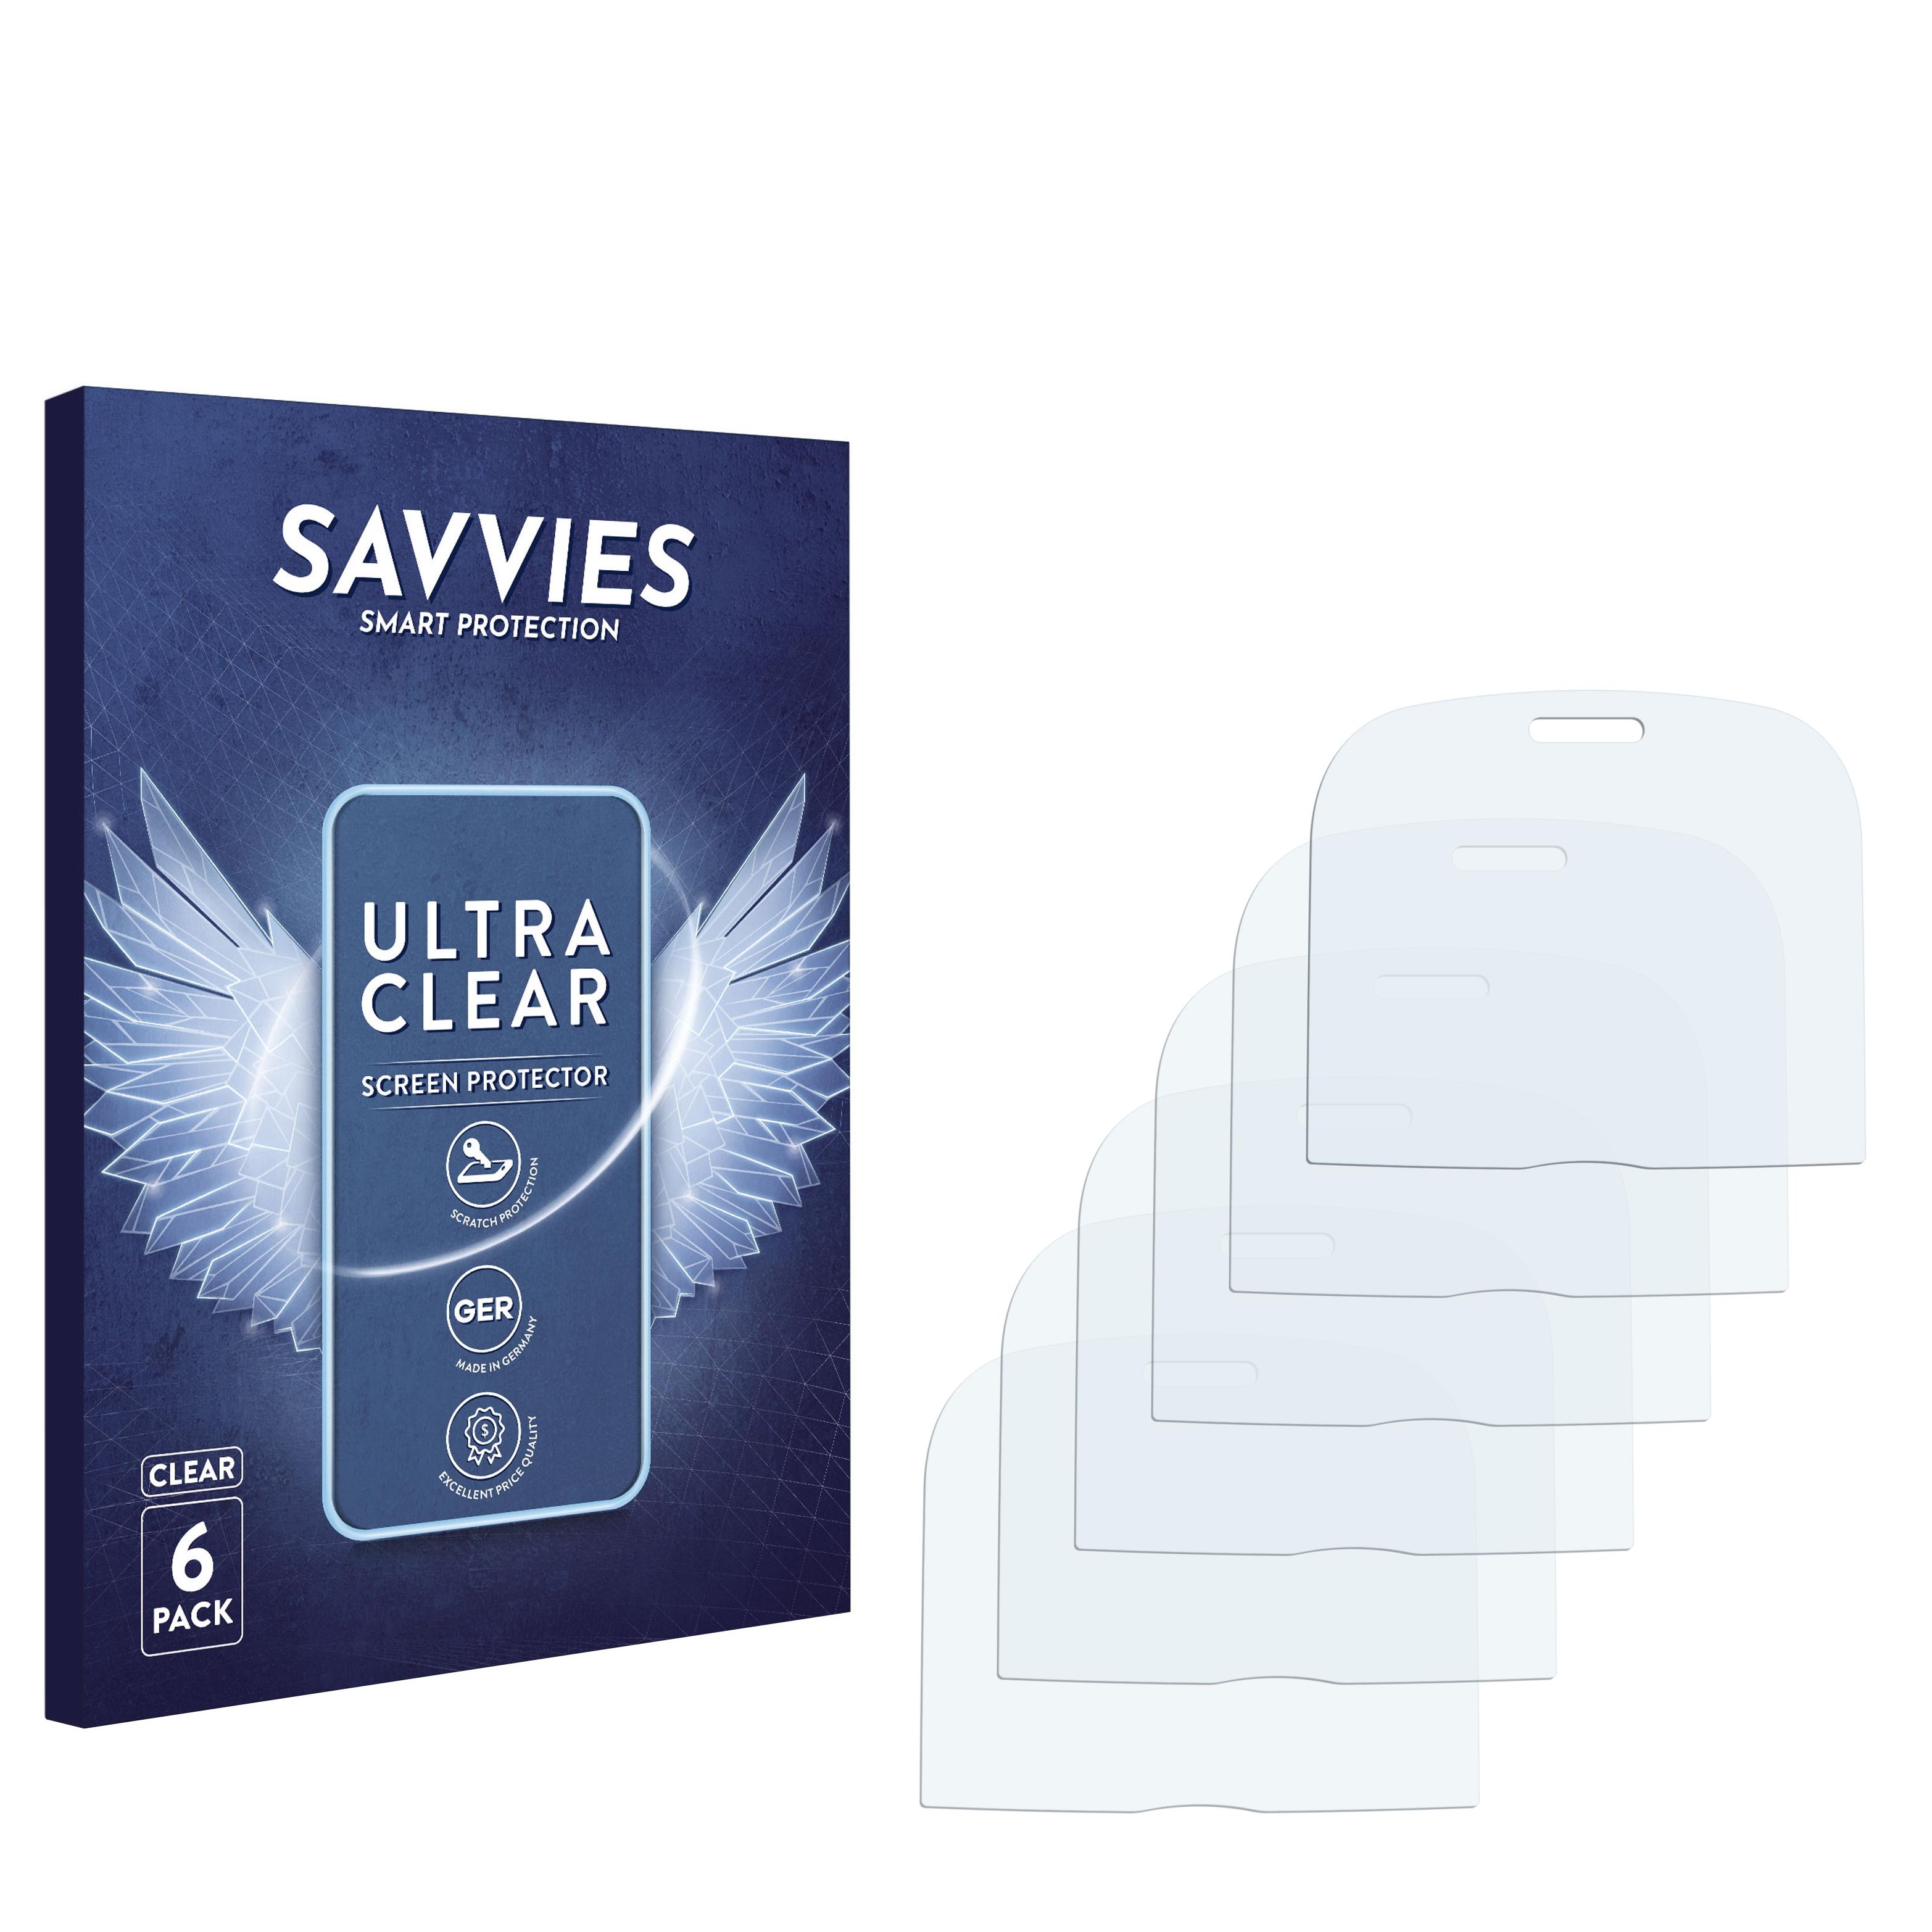 Ochranná fólie Savvies na Alcatel One Touch OT-310, 6ks